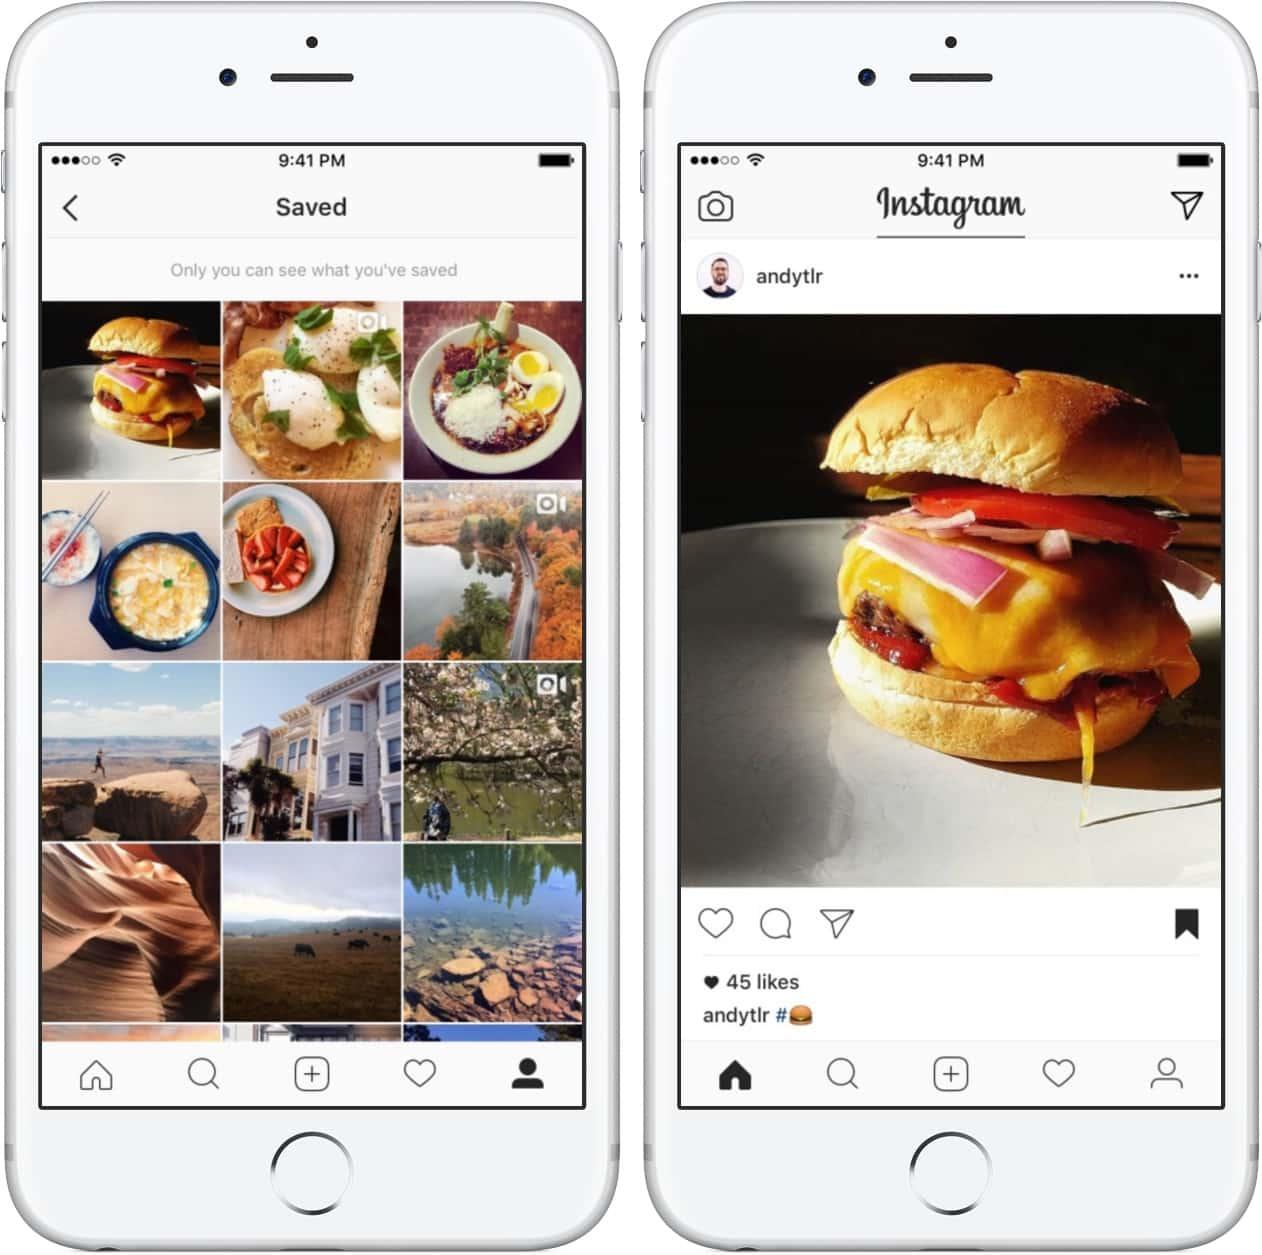 Buka-aplikasi-Instagram-seperti-biasa-dan-saat-menemukan-video-yang-ingin-disimpan-klik-saja-ikon-Save